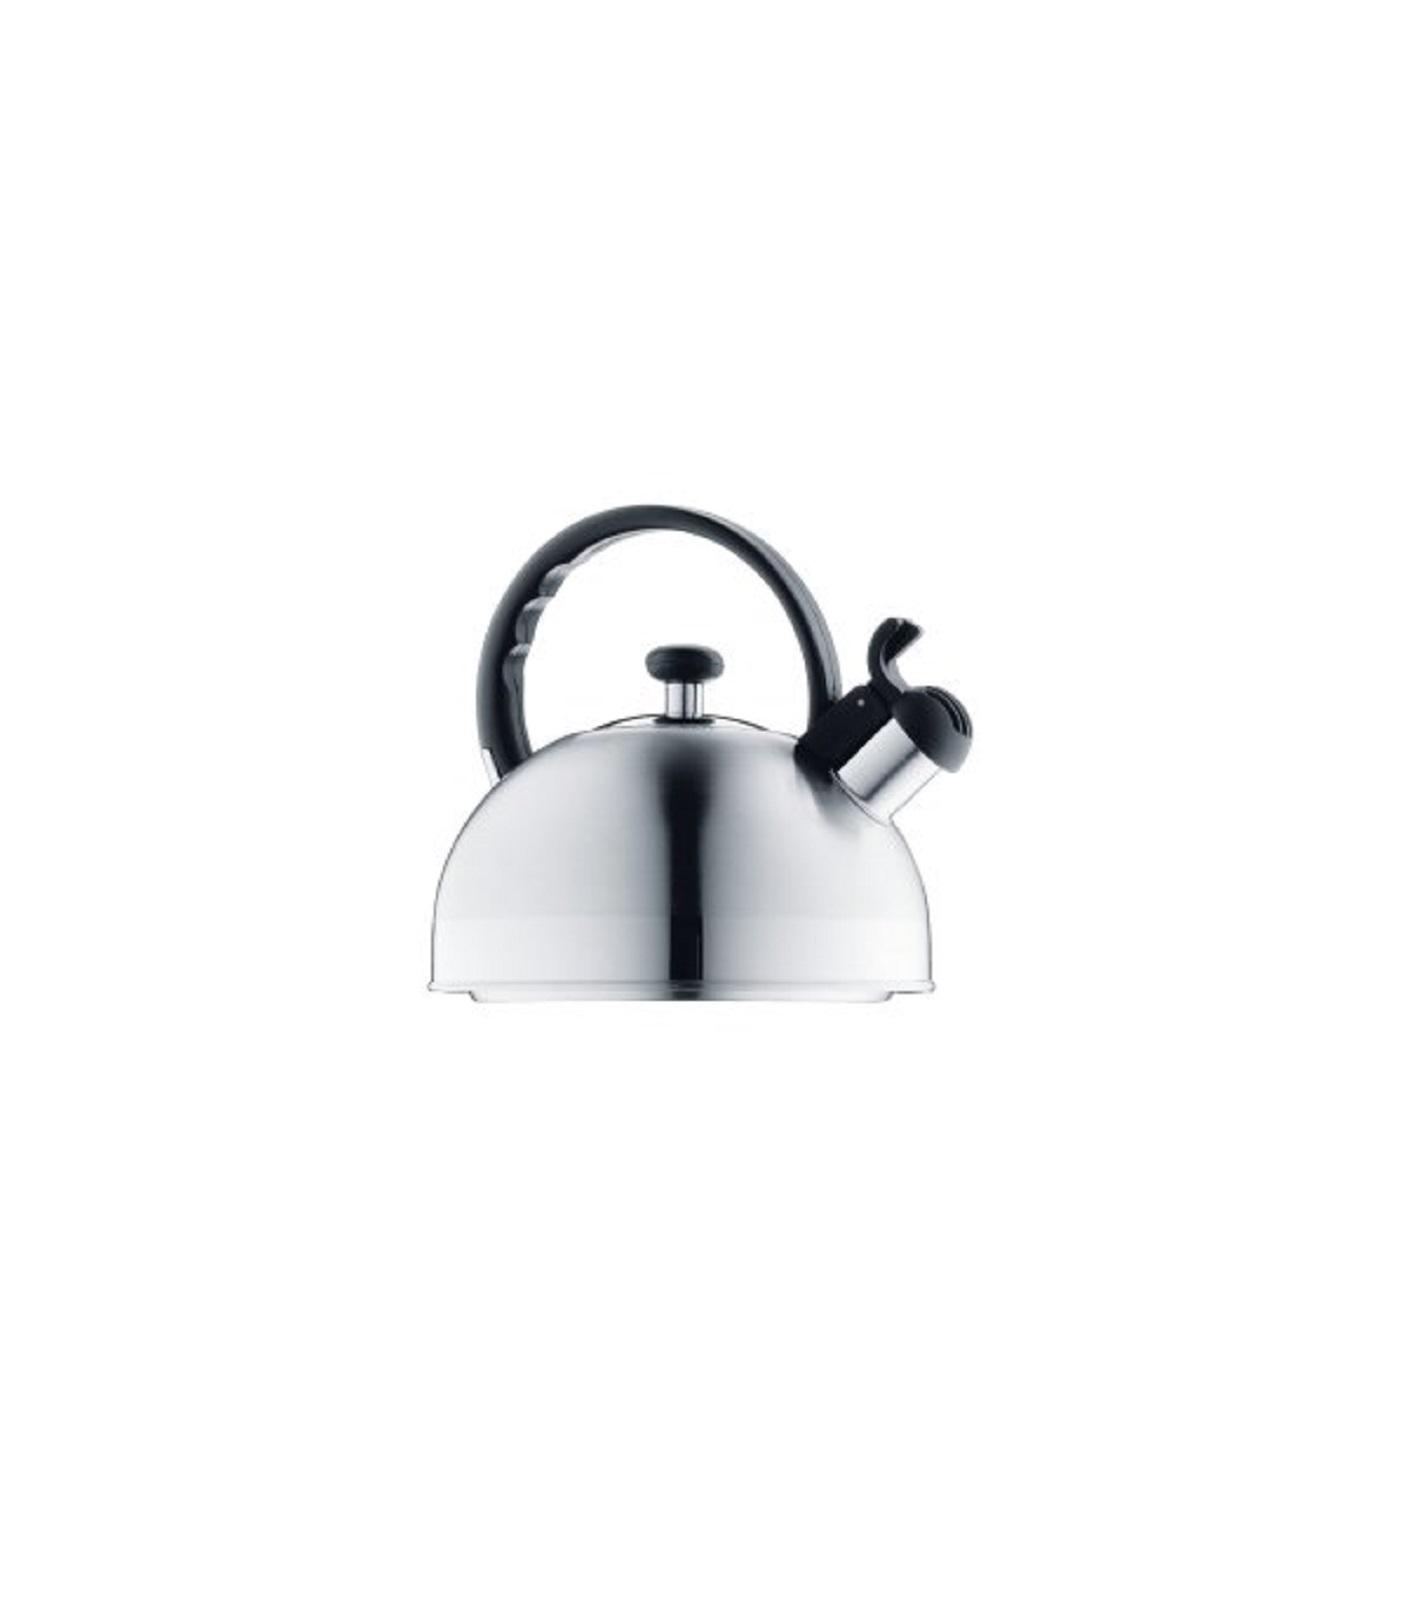 Чайник с крышкой WMF ORBIT, объем 1,5 л, серебристый WMF 07 3174 6030 SP фото 1